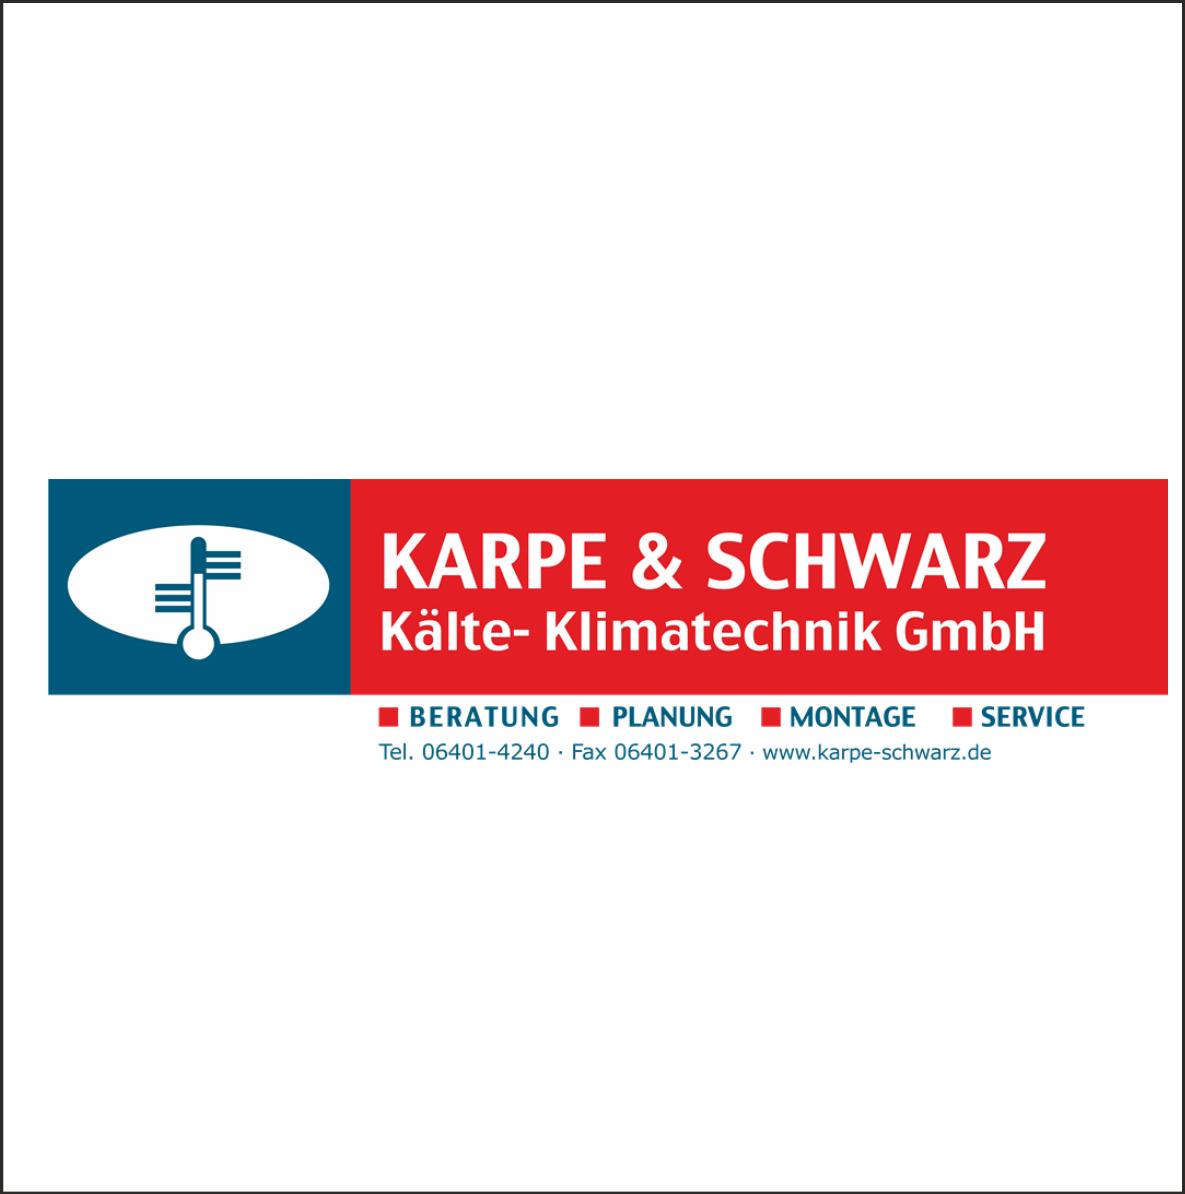 Karpe & Schwarz